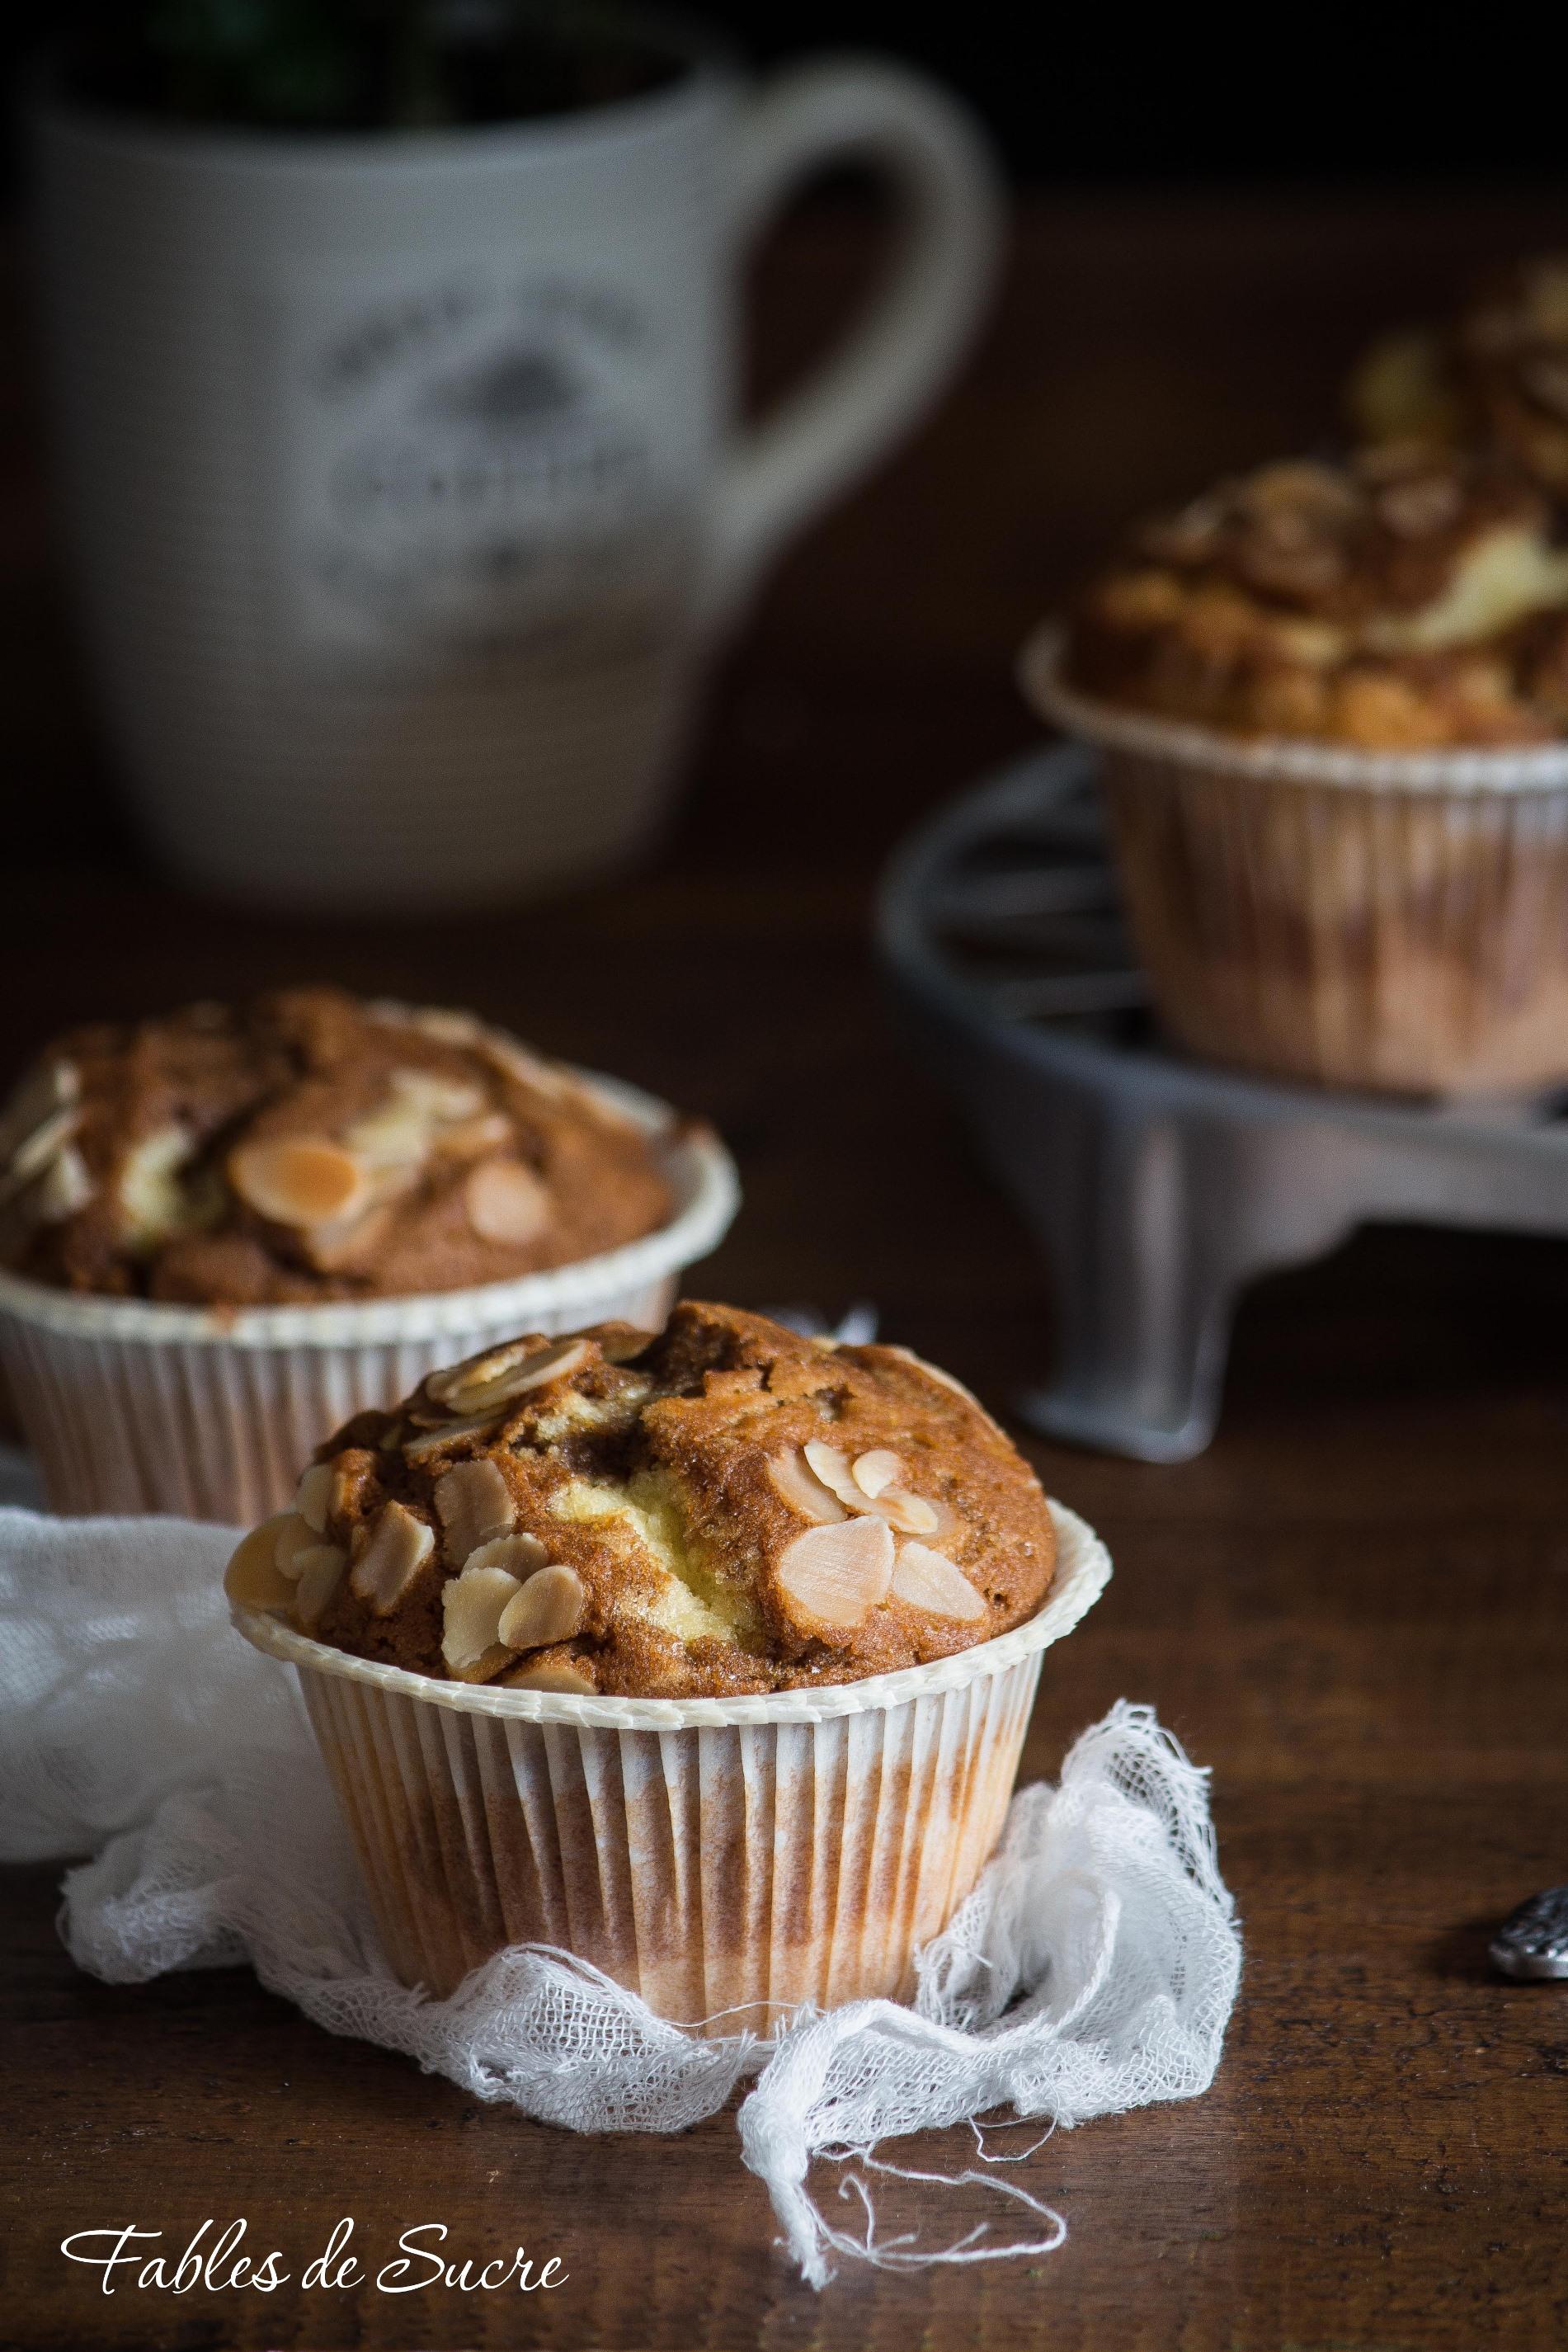 Cupcakes marmorizzati al caffè2